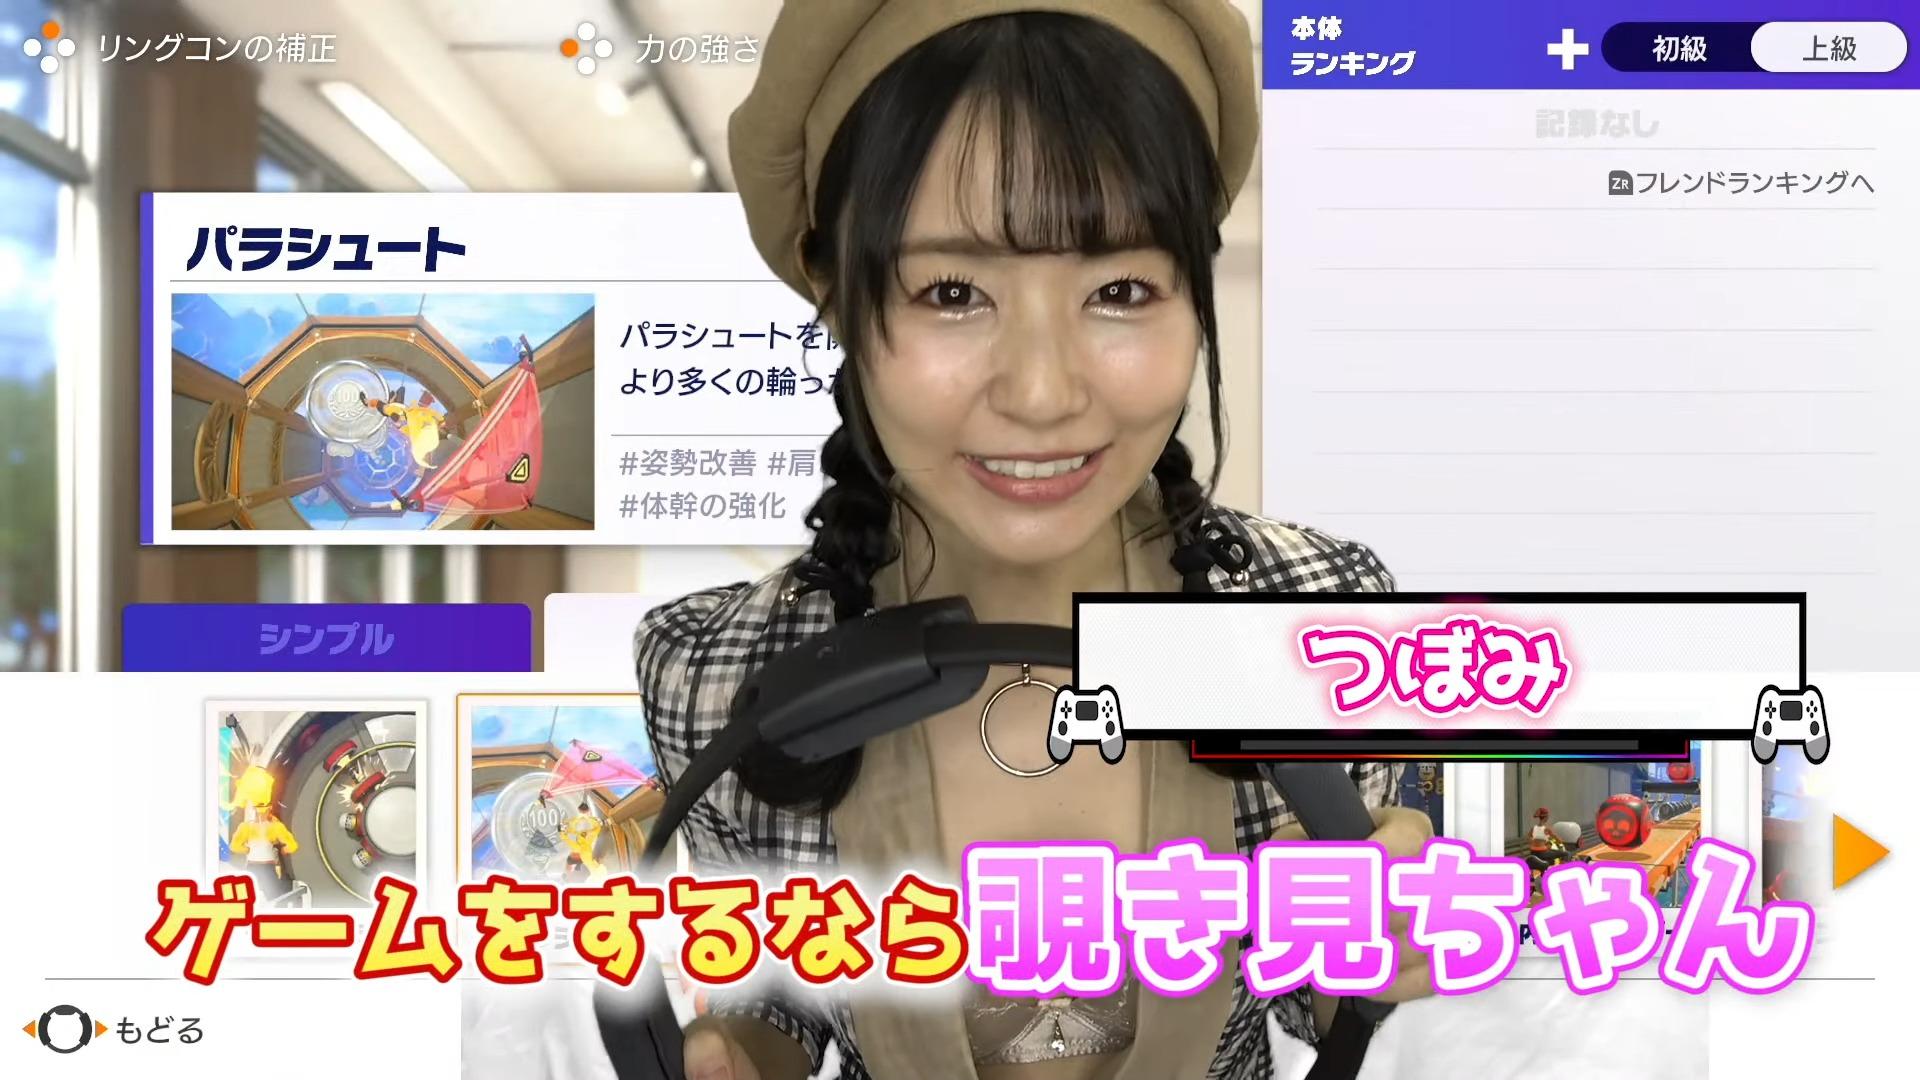 【画像】AV女優つぼみさん、パンツ丸出しでリングフィットをプレイするも再生数が全く伸びない